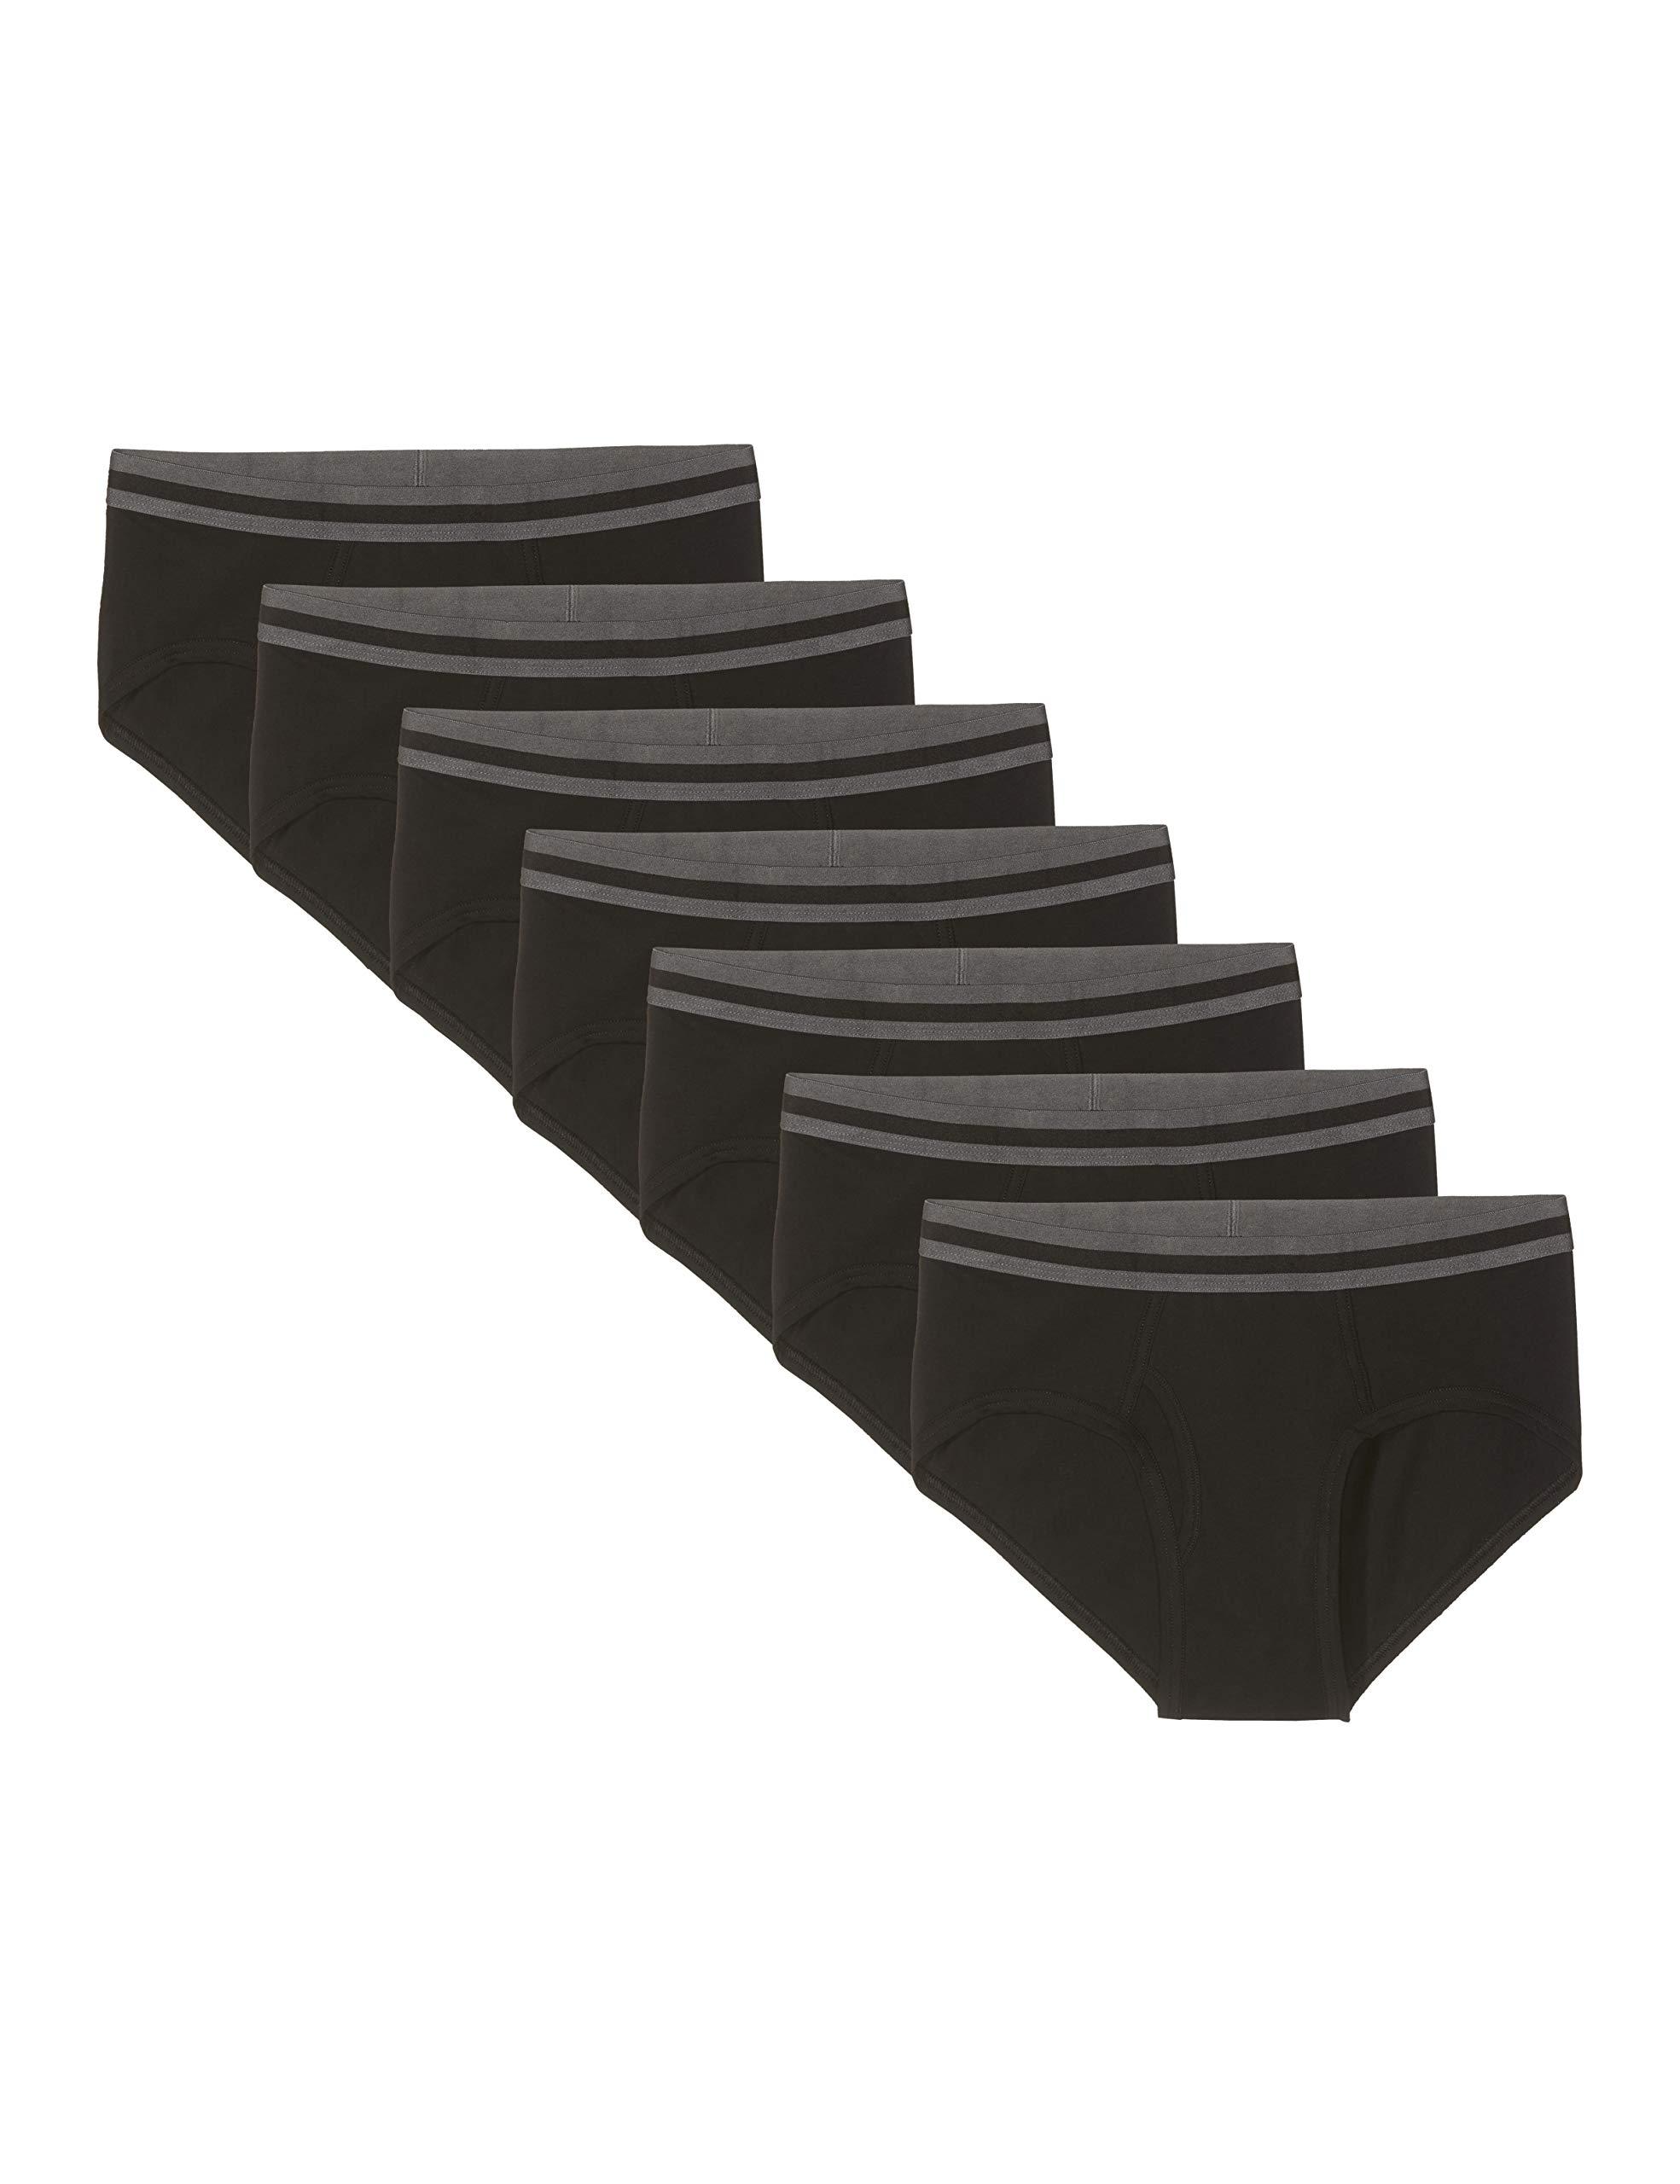 Amazon Brand - find. Men's Cotton Stretch Briefs, Pack of 3/Pack of 5/Pack of 7/Pack of 10